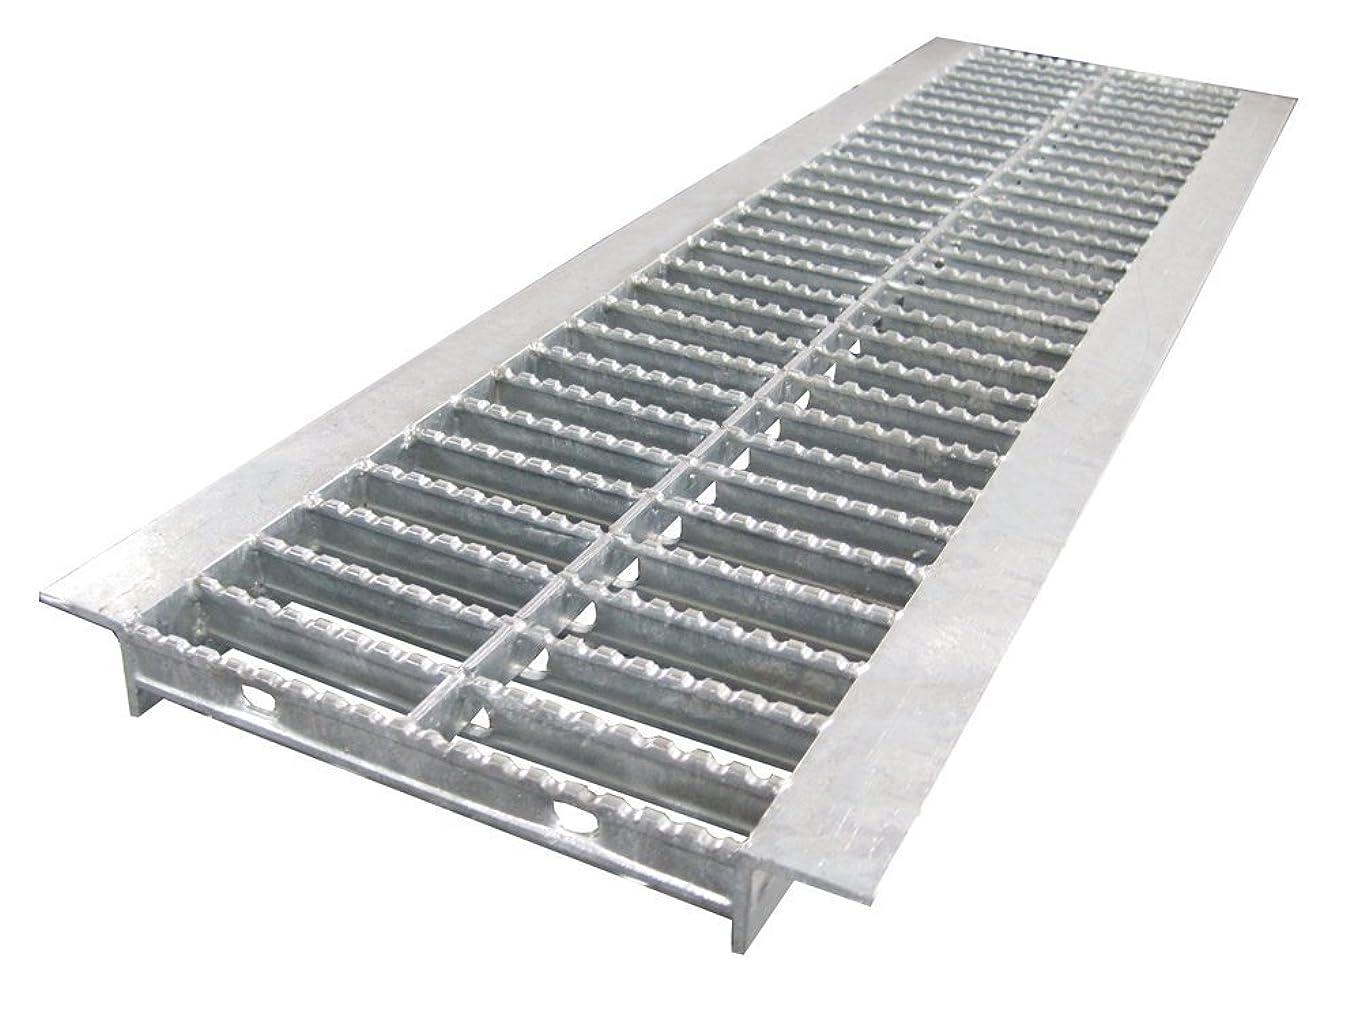 湿原にぎやかコンテンポラリーU字溝用 グレーチング ノンスリップ型 適用みぞ幅450mm (乗用車用) (長さ995mm 幅440mm 高さ32mm) HGUX-450-32